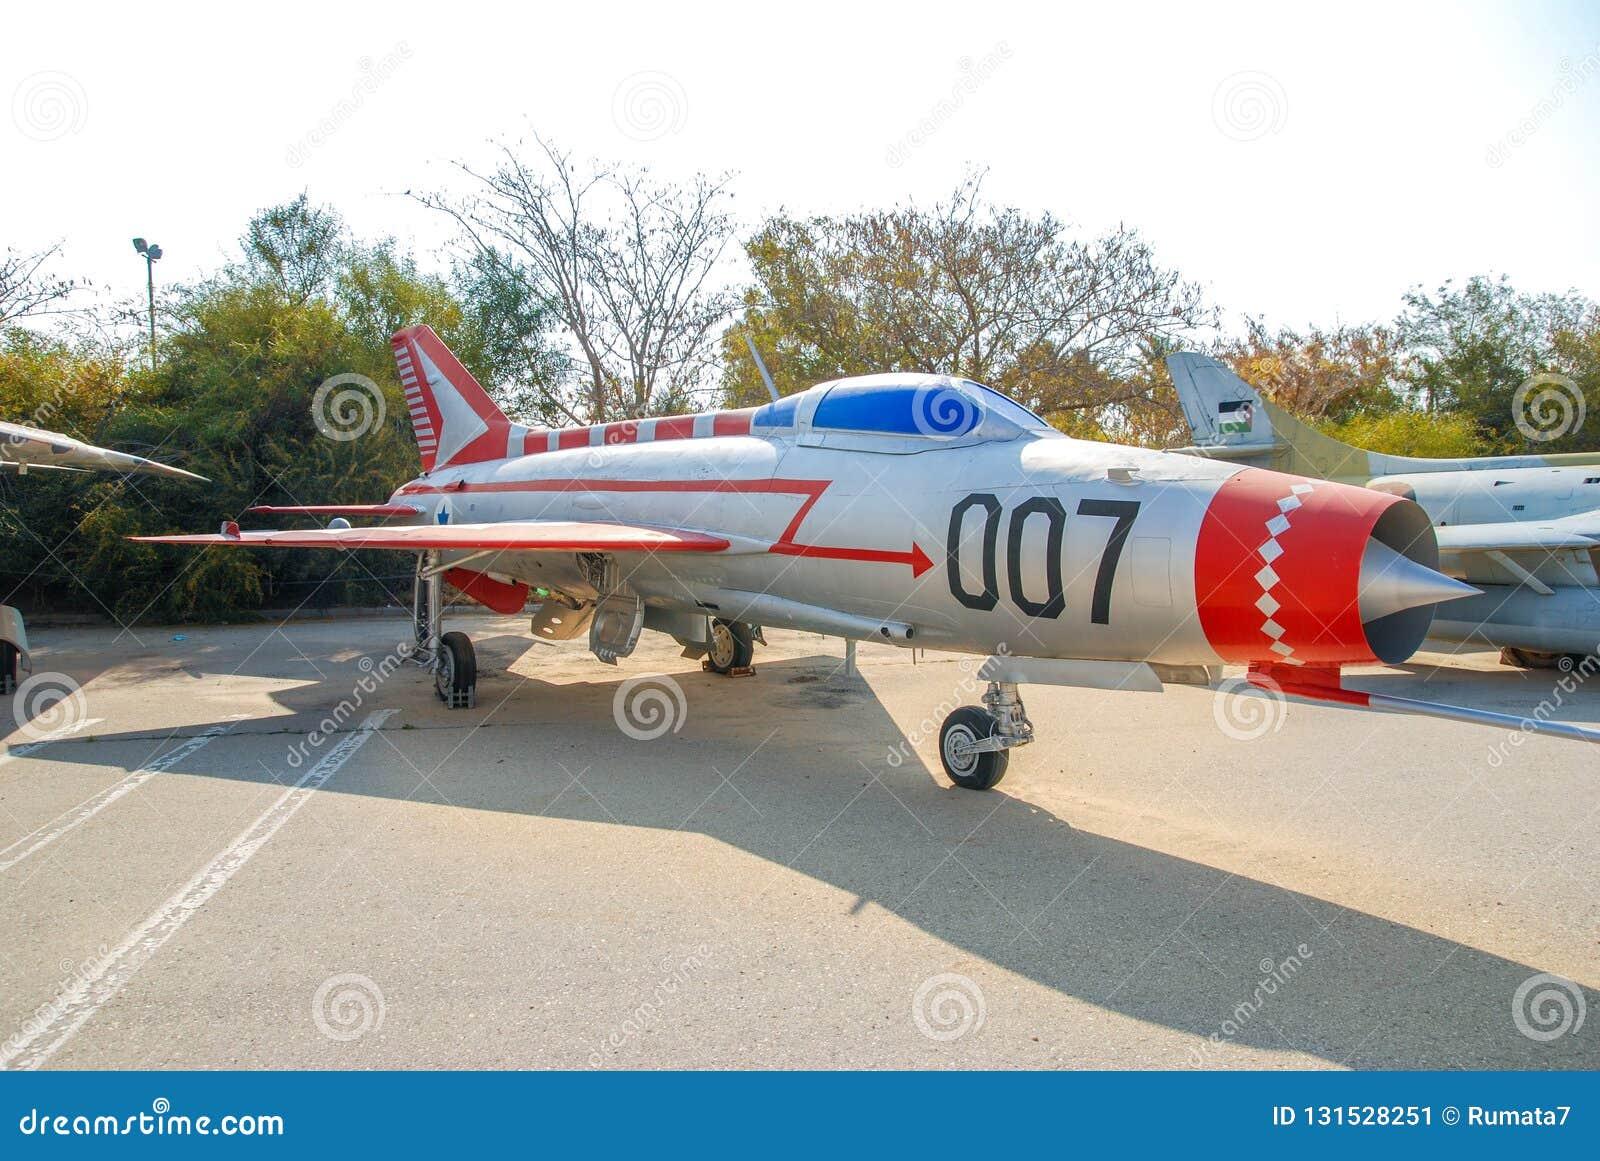 Εκλεκτής ποιότητας mikoyan-Gurevich miG-21 αεροσκάφη που επιδεικνύονται στο ισραηλινό μουσείο Πολεμικής Αεροπορίας